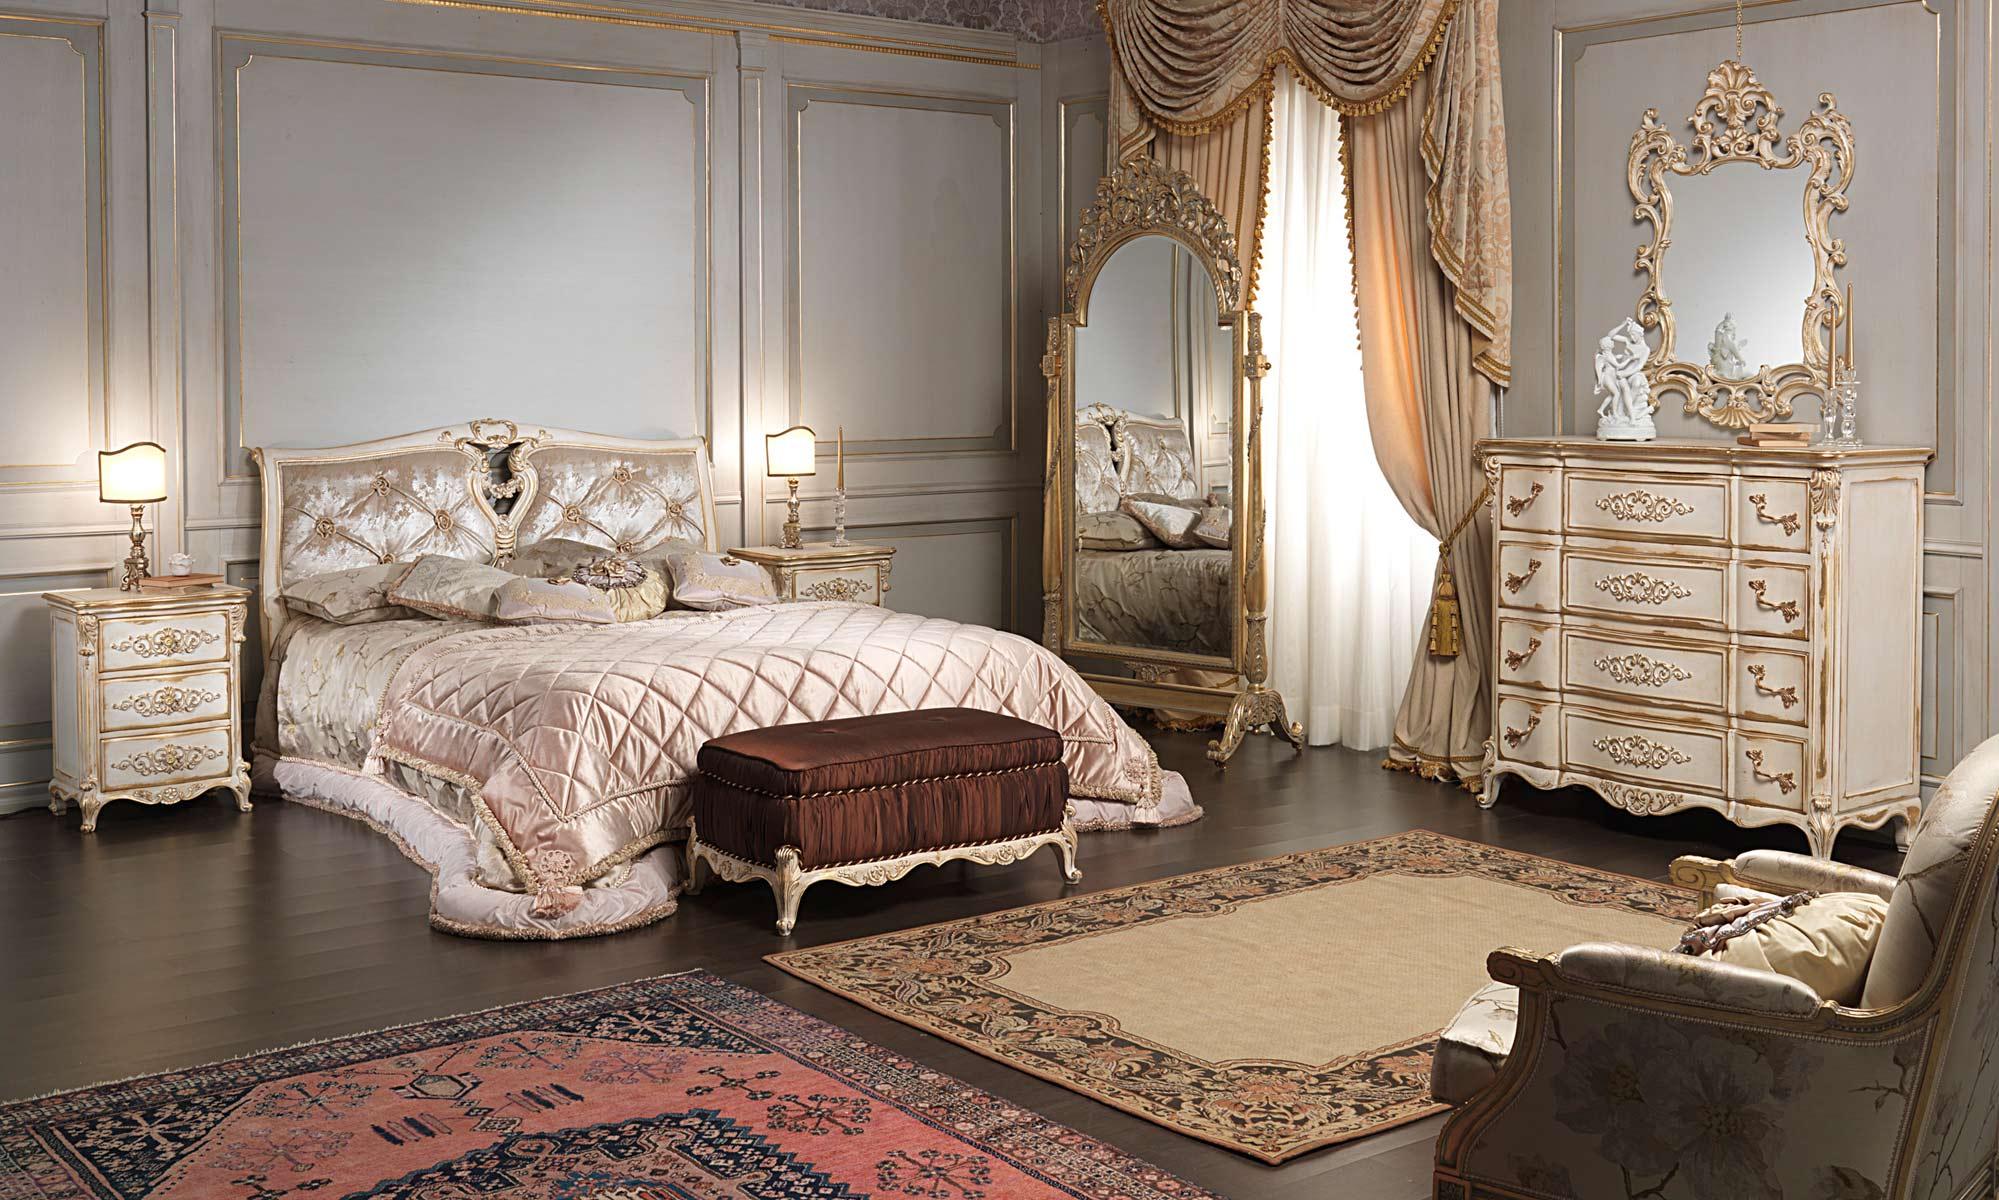 Camera da letto classica in stile luigi xvi letto panca for Miroir au dessus du lit